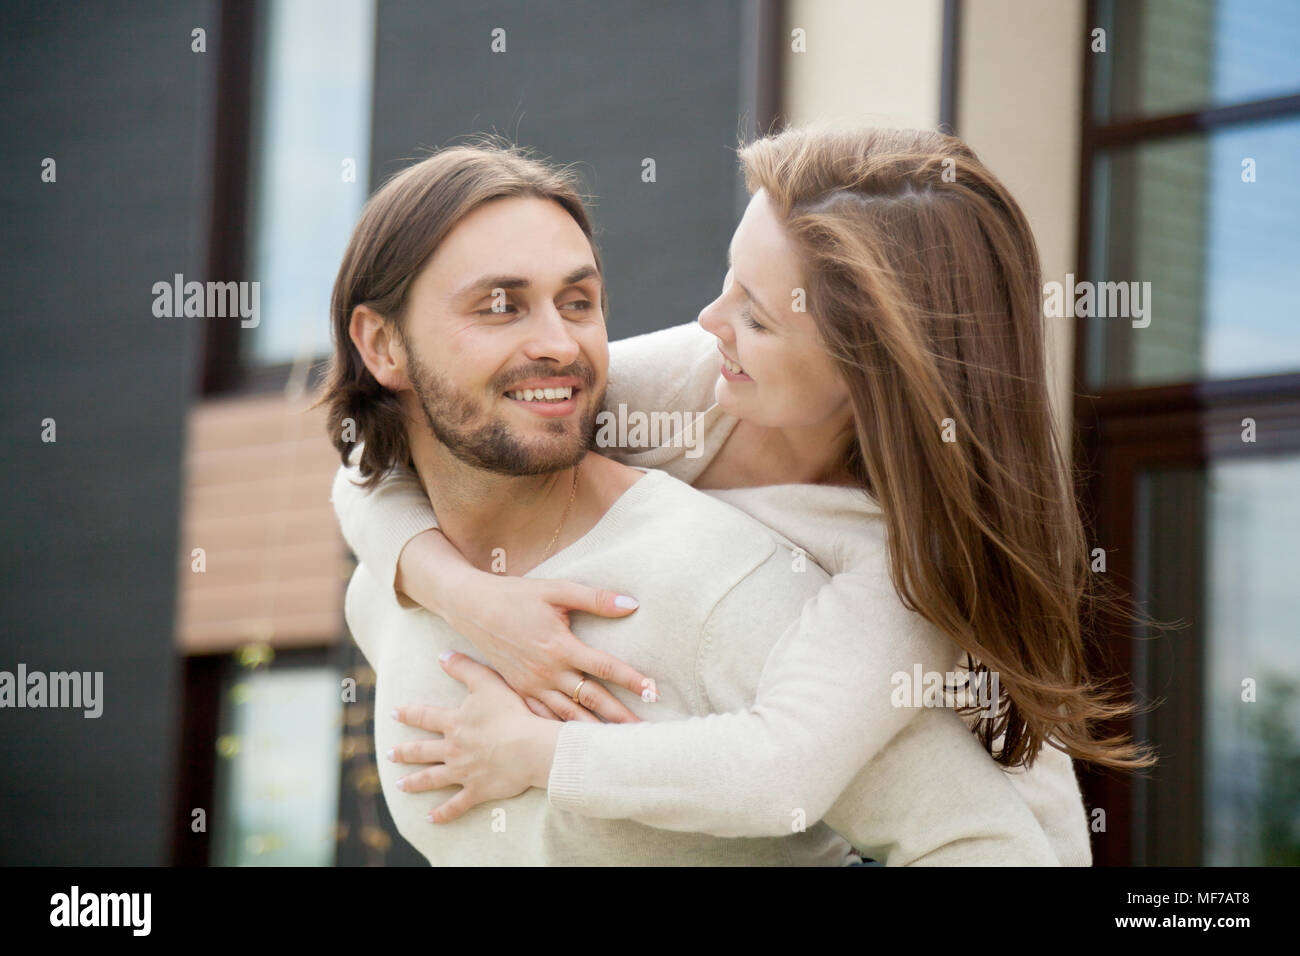 Jeune couple aimant, mari de plein air souriant cochon Photo Stock